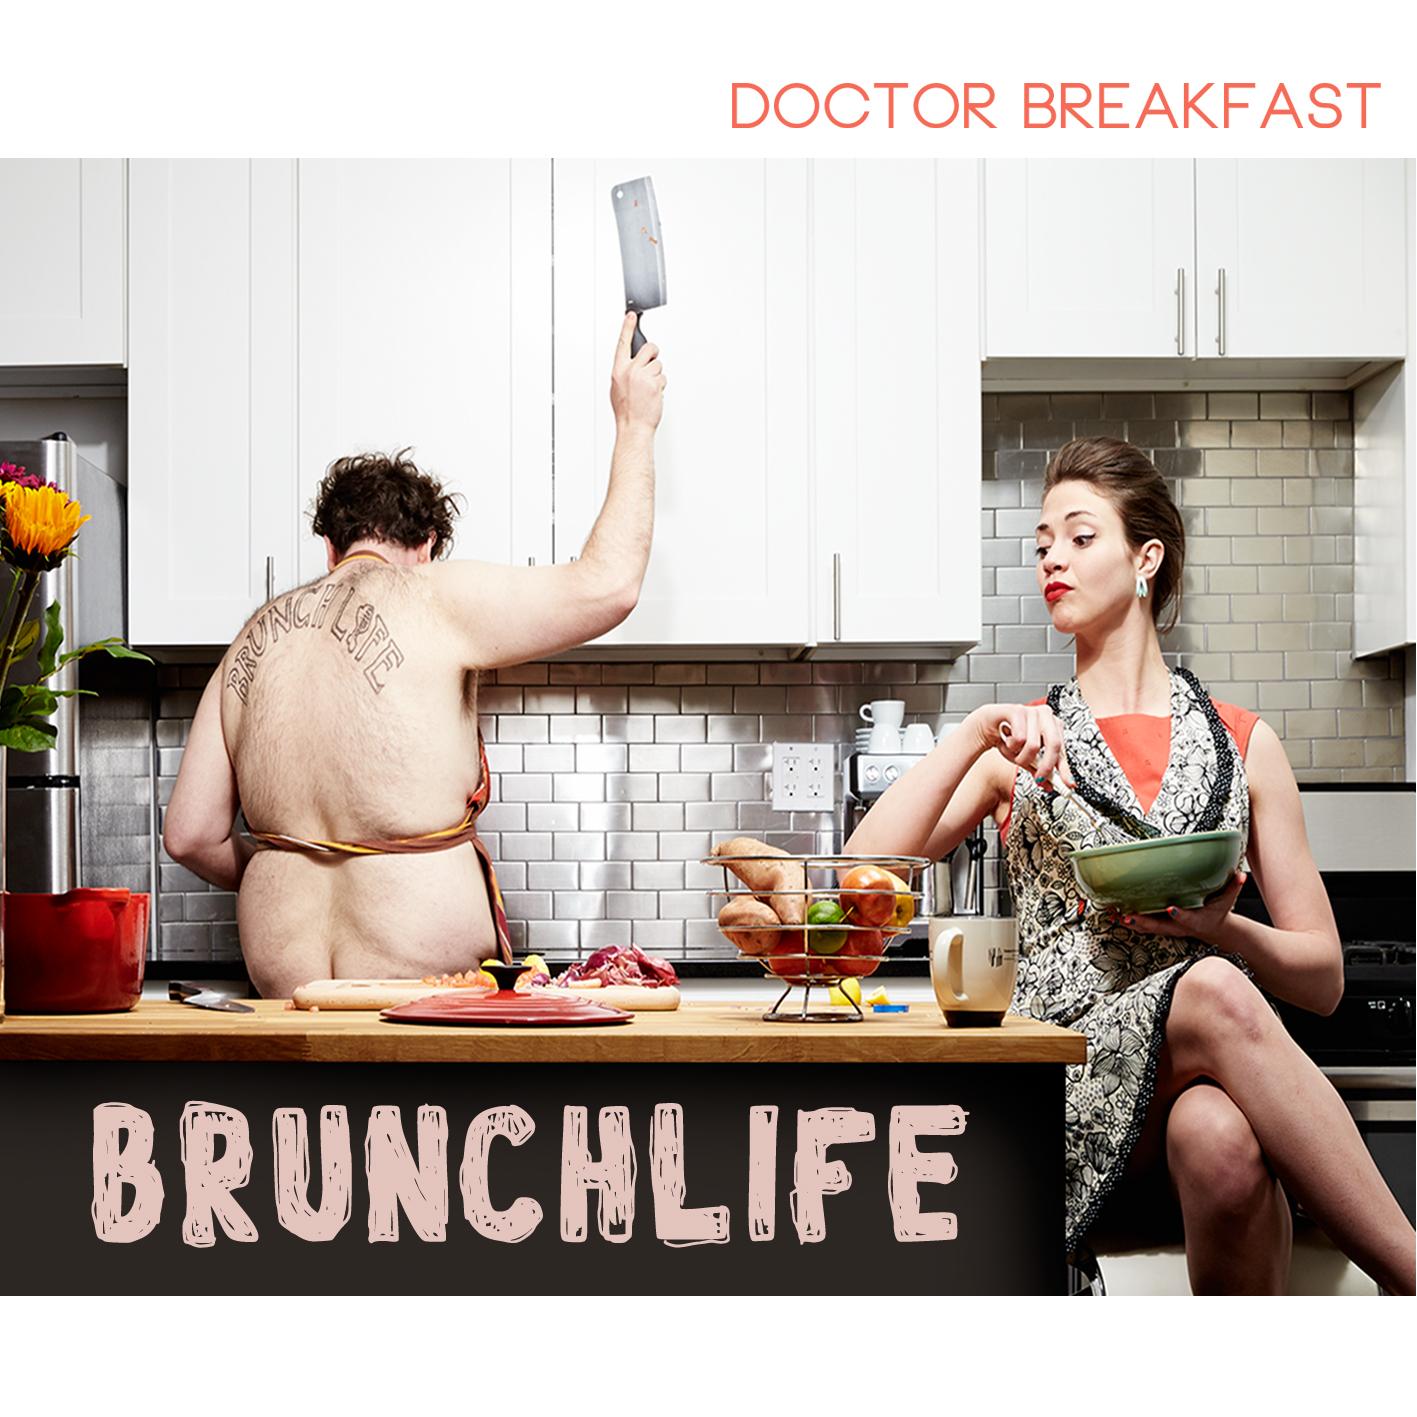 Brunchlife front cover .jpg